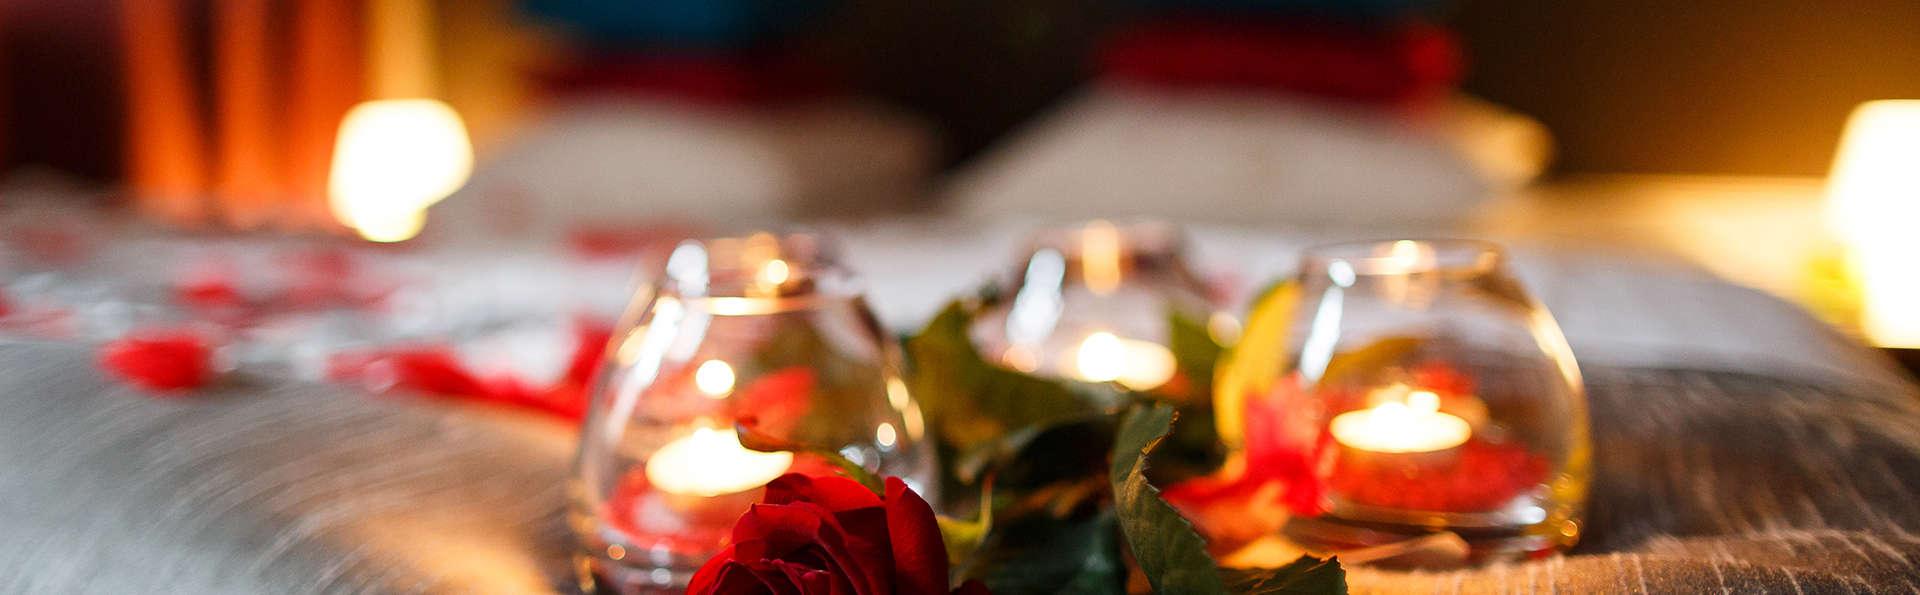 Escapade romantique et bien-être sur l'Ile de Ré